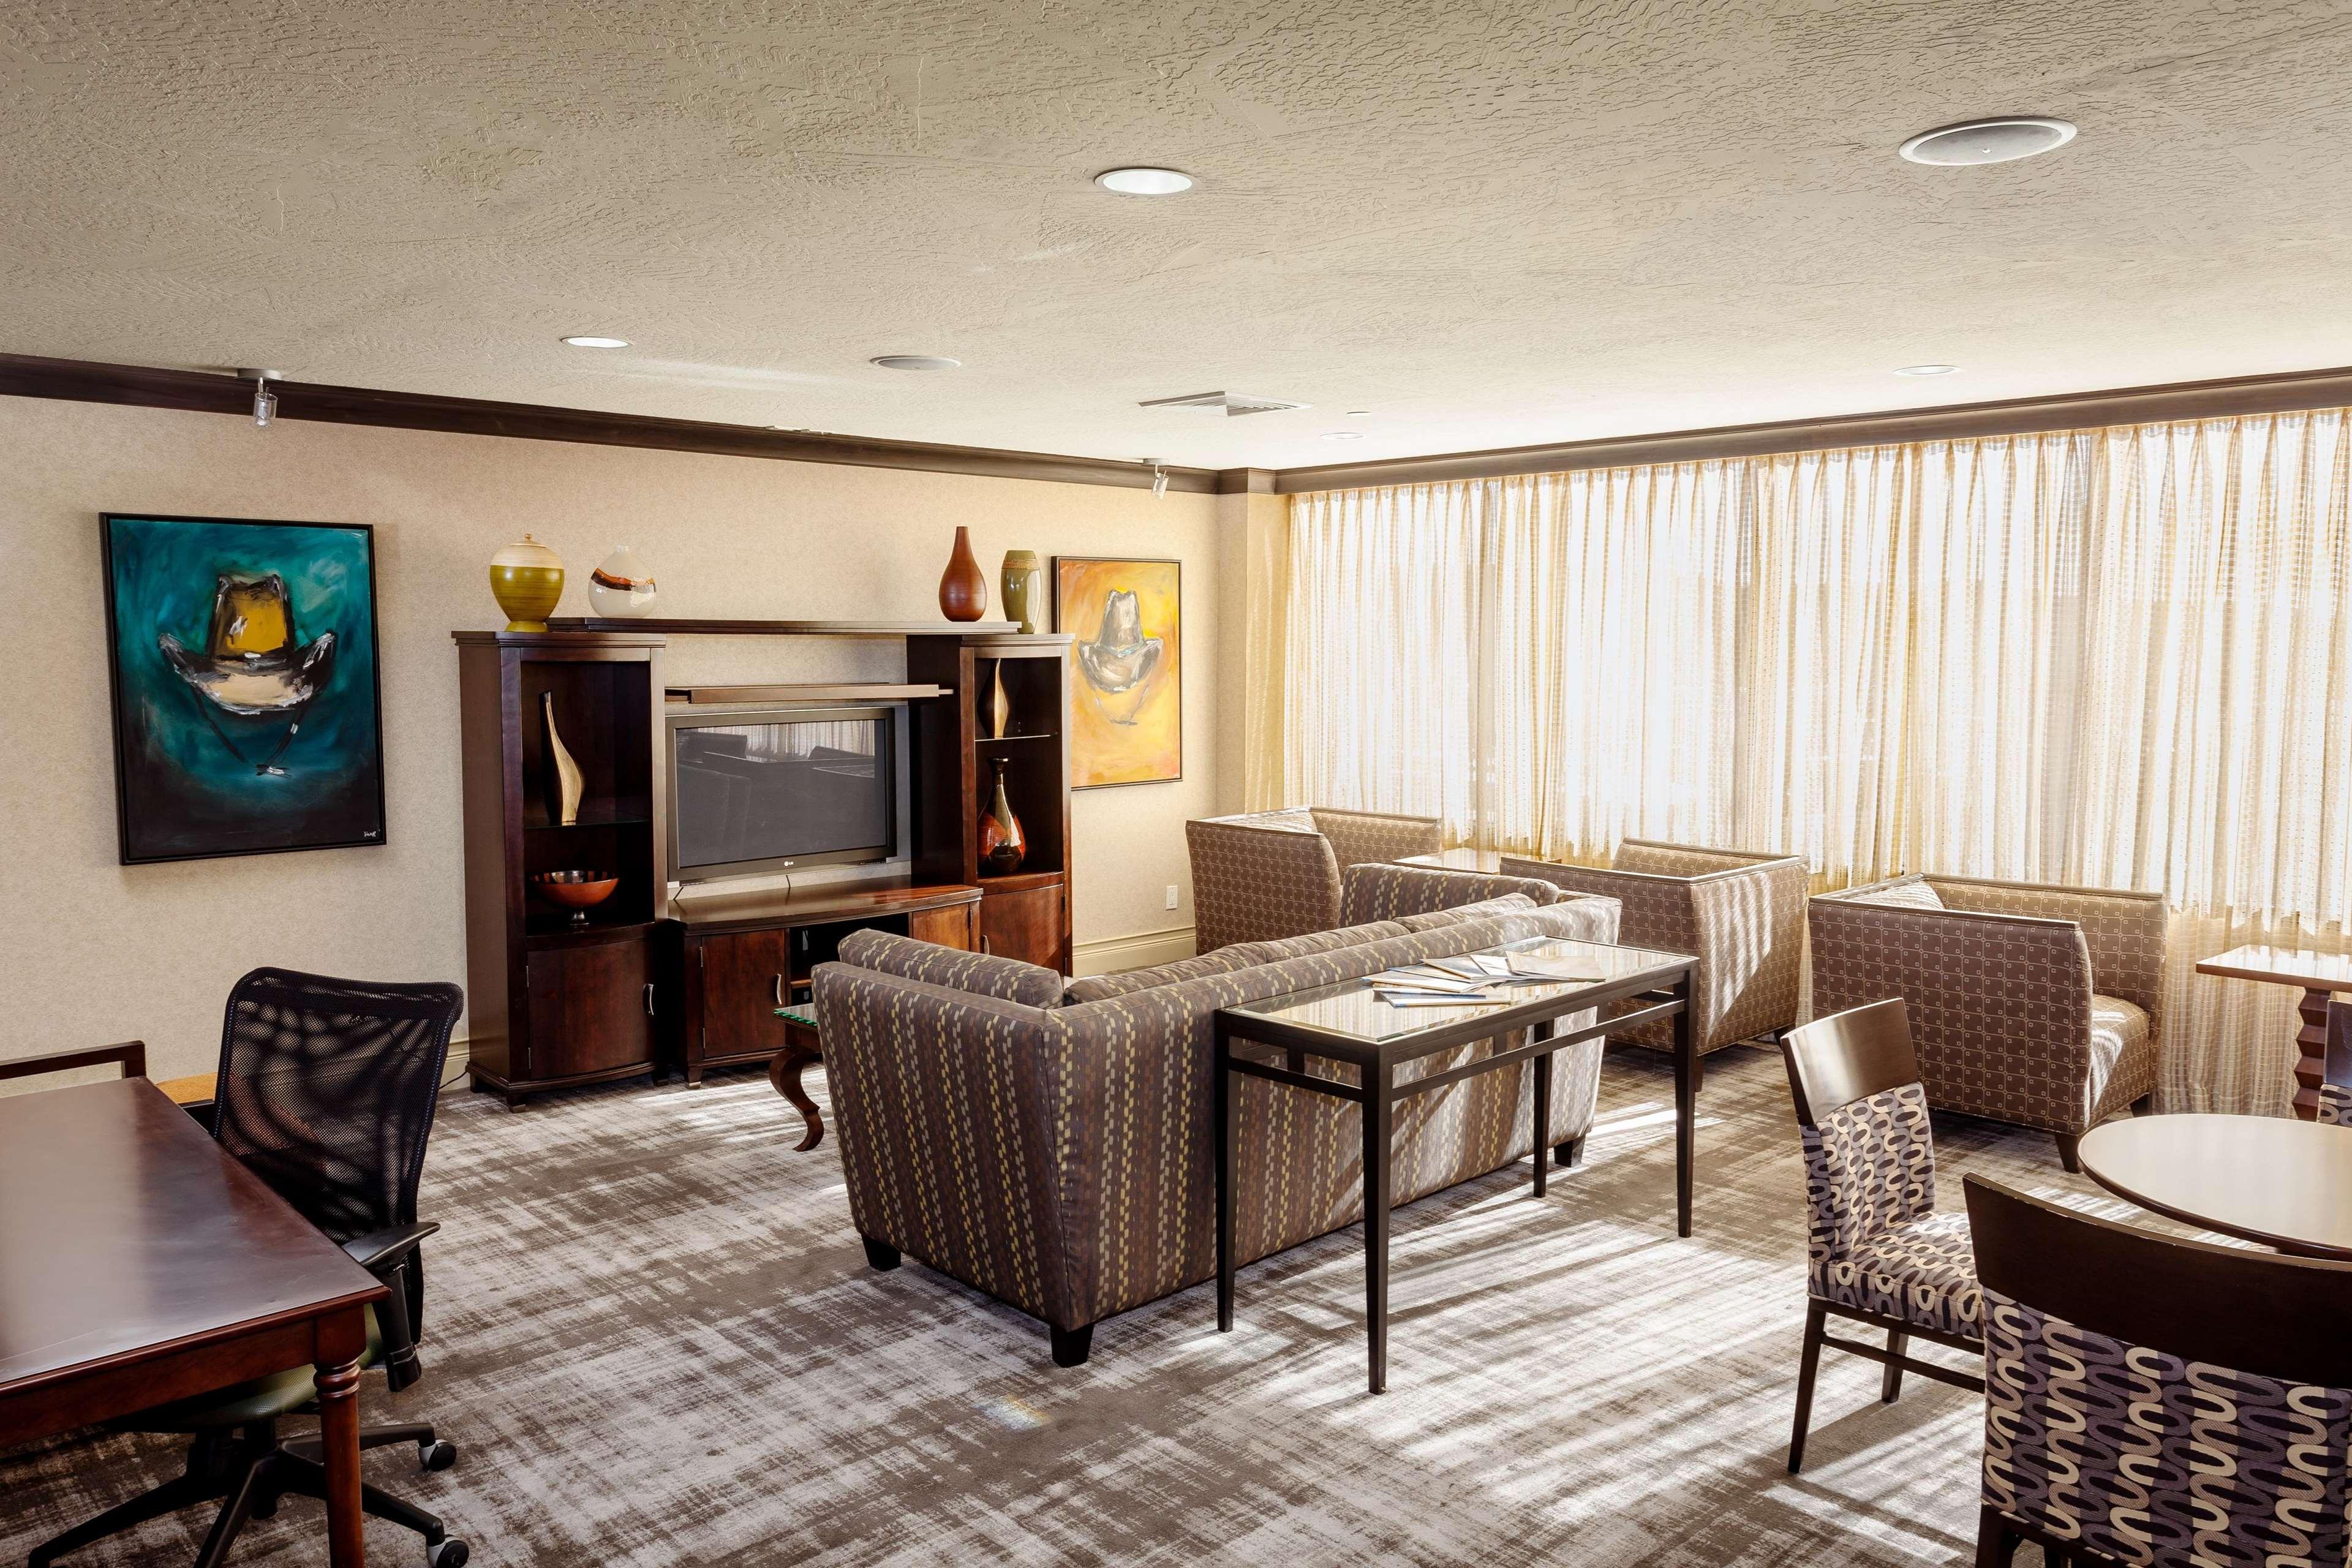 Billings Hotel Rooms